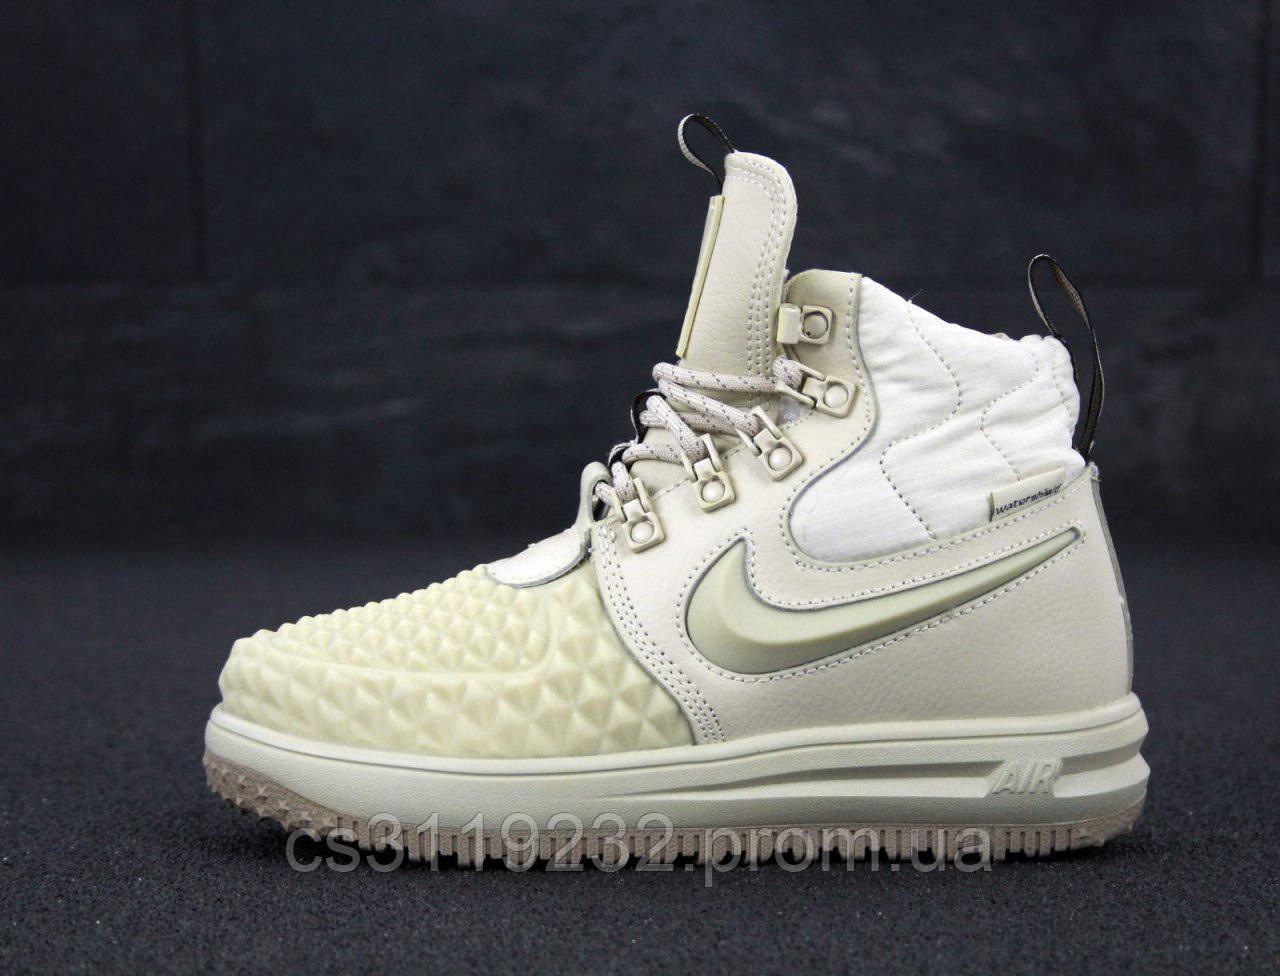 Мужские кроссовки Nike Lunar Force 1 Duckboot 17 (кремовые)